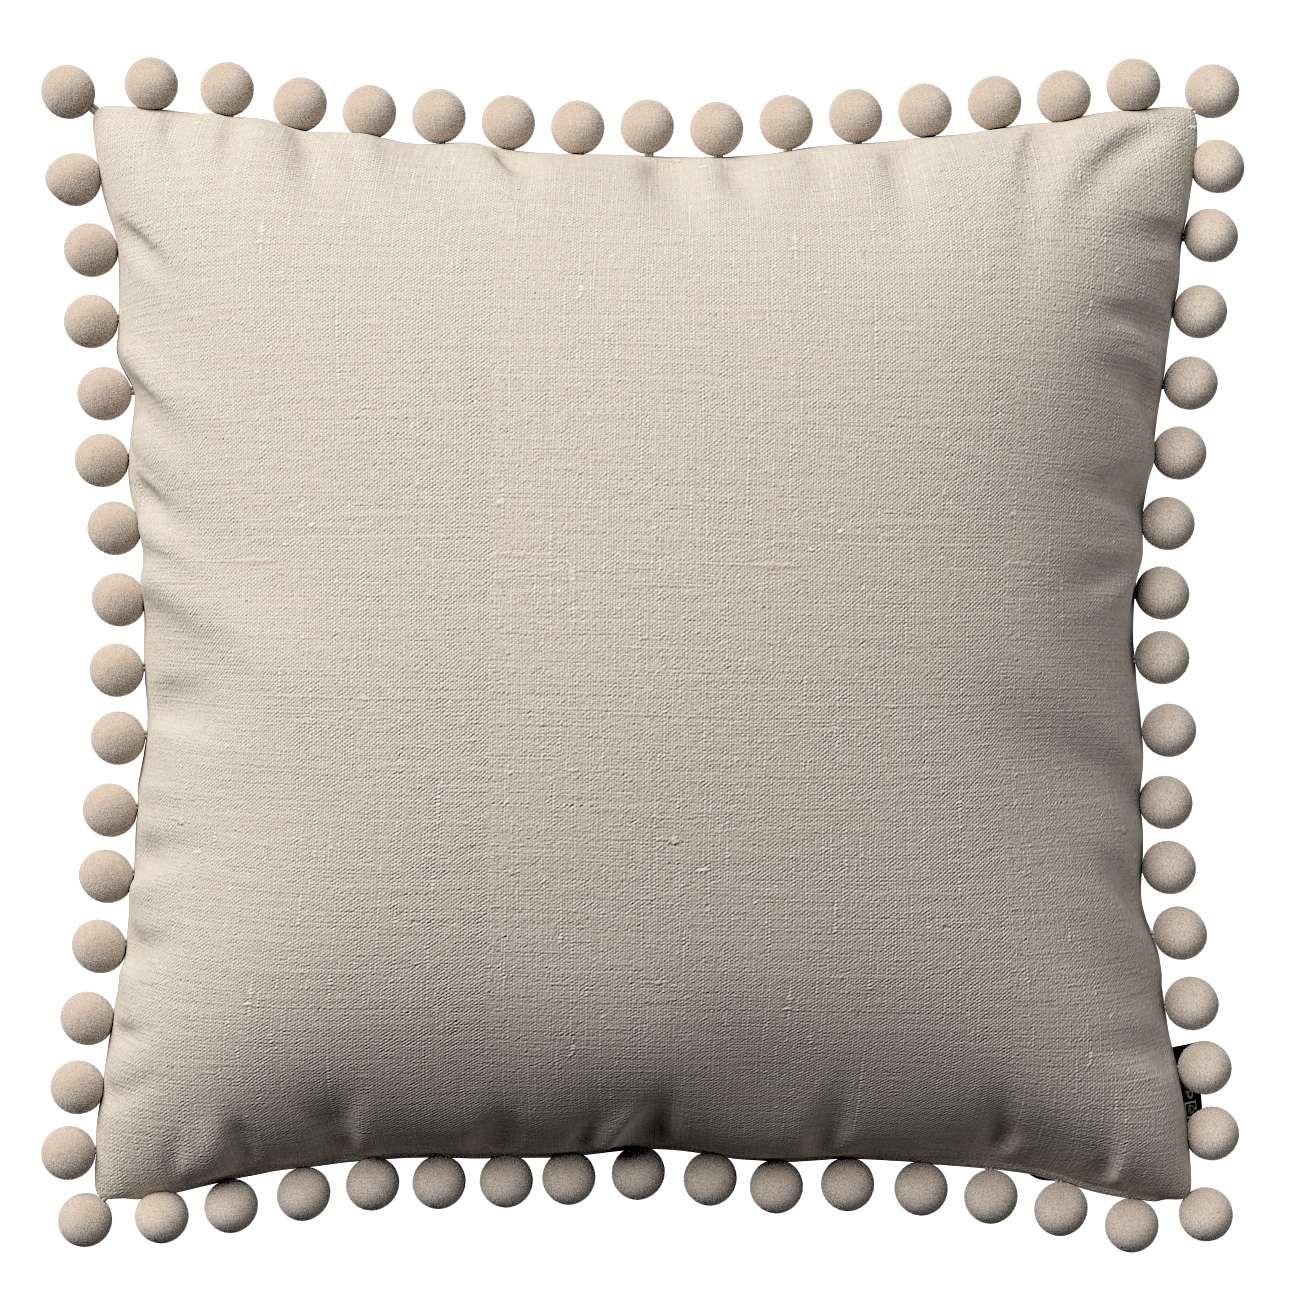 Wera dekoratyvinės pagalvėlės užvalkalas su žaismingais kraštais 45 x 45 cm kolekcijoje Linen , audinys: 392-05